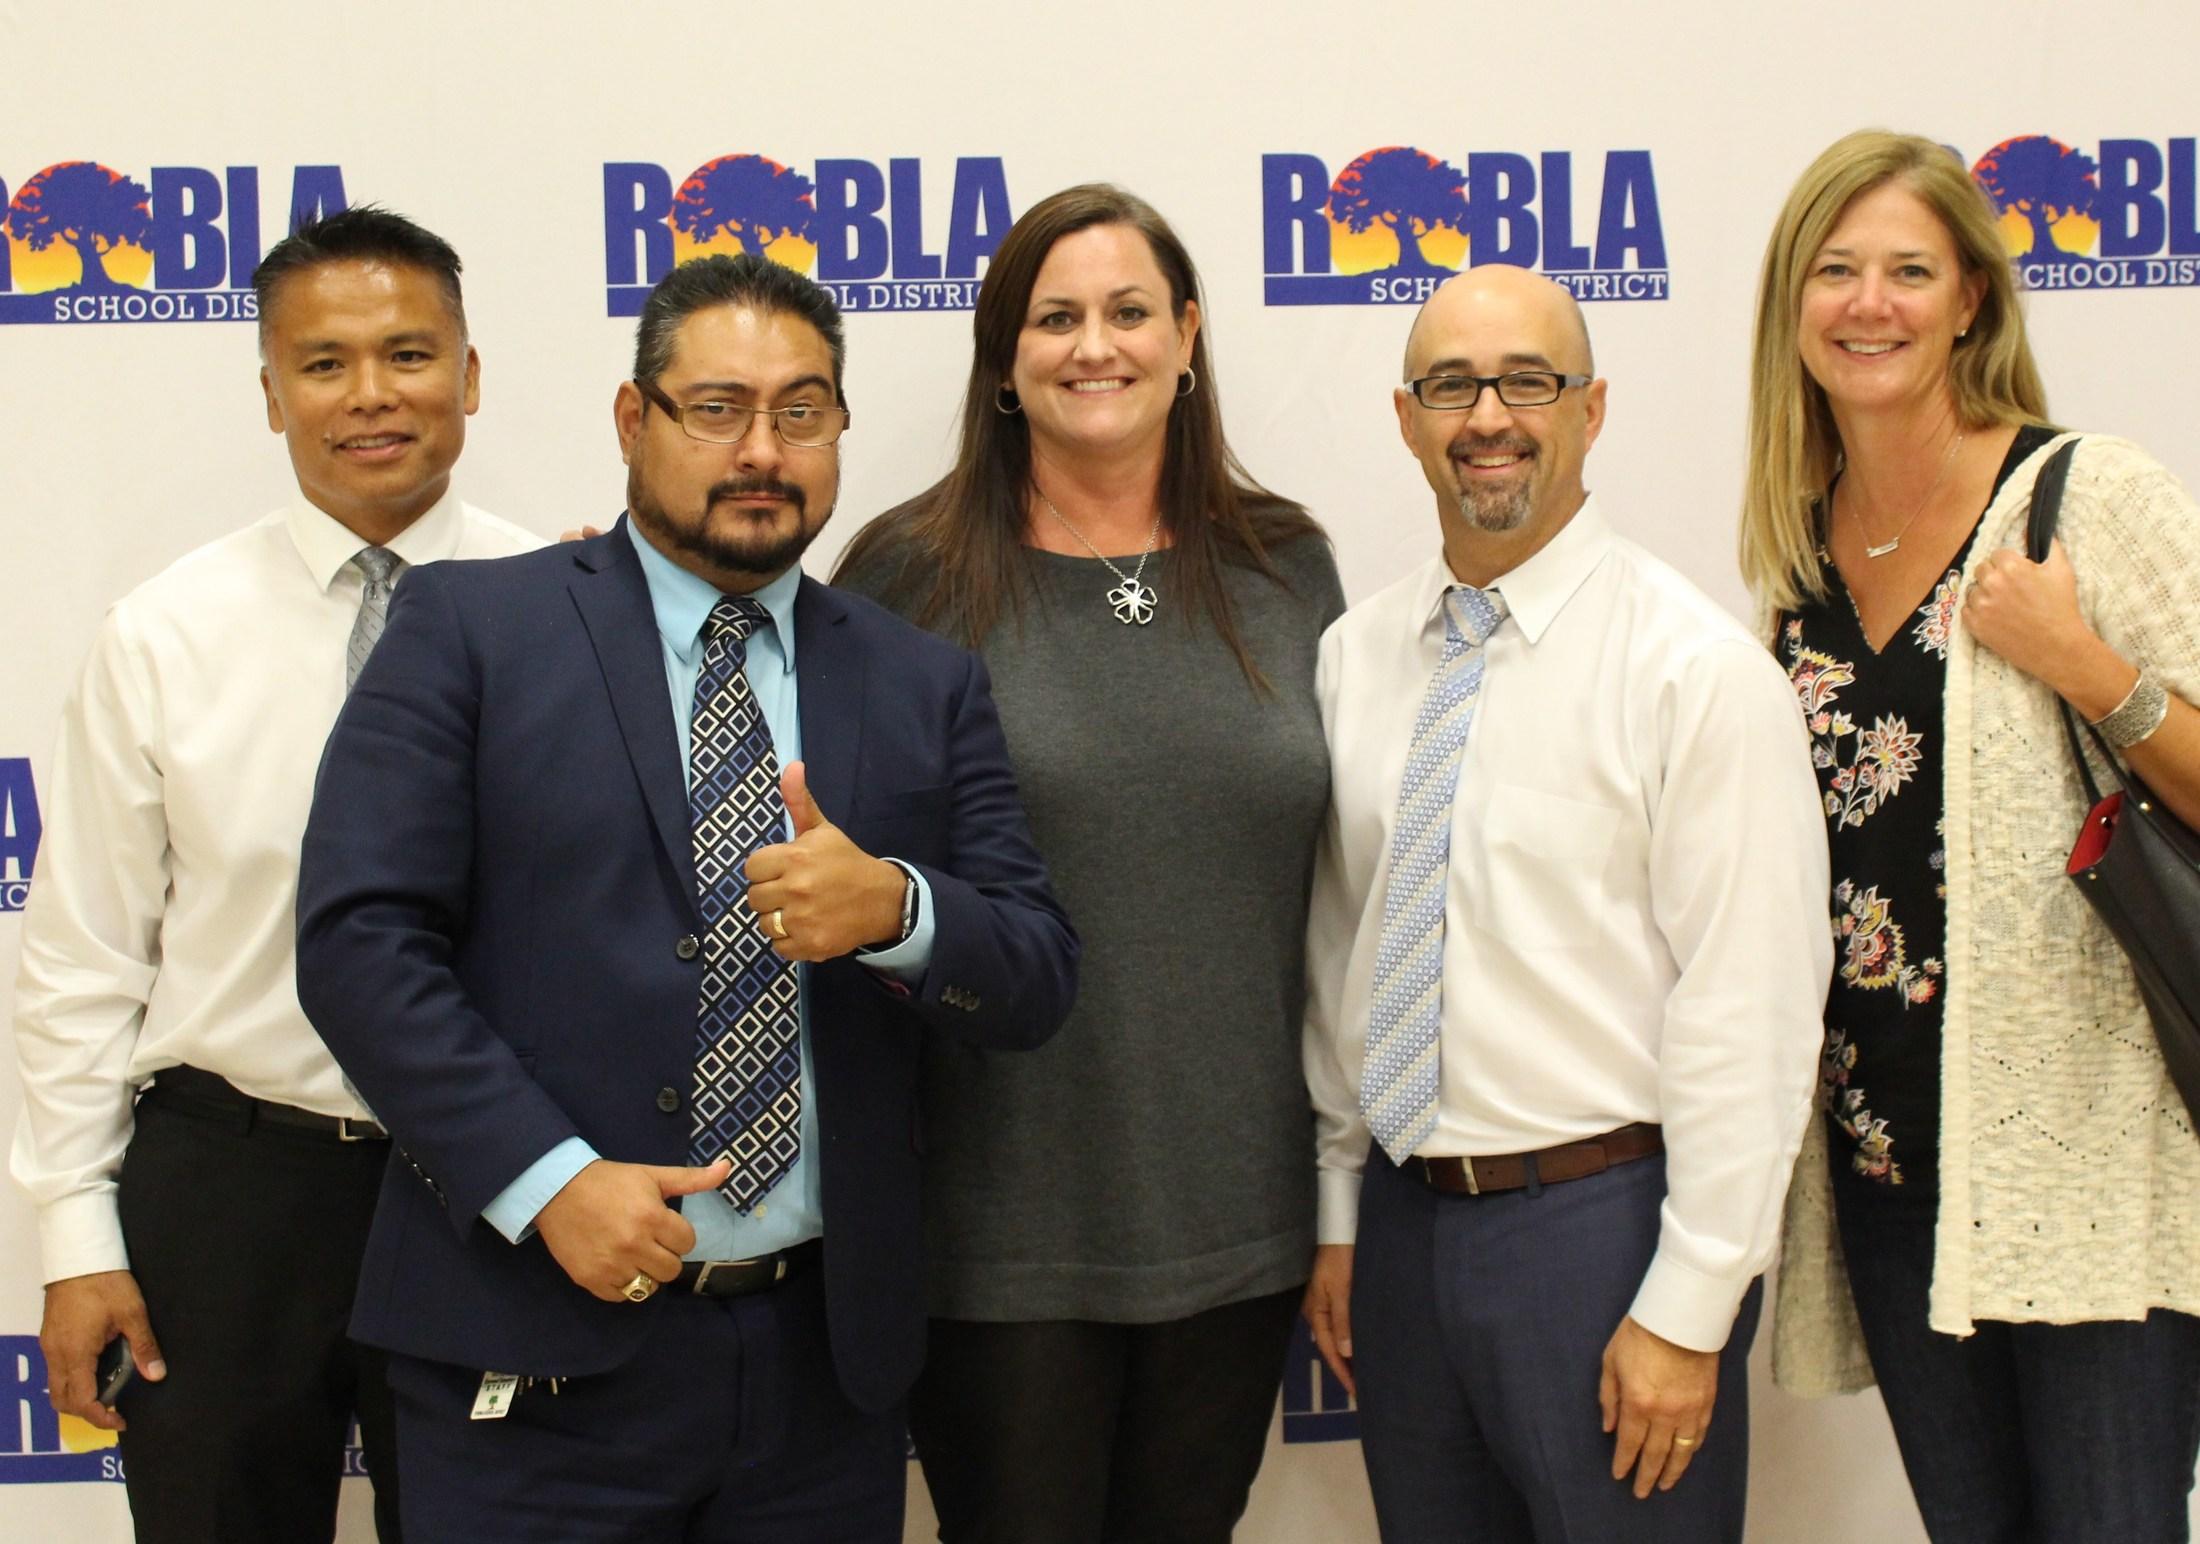 Robla School District Principals